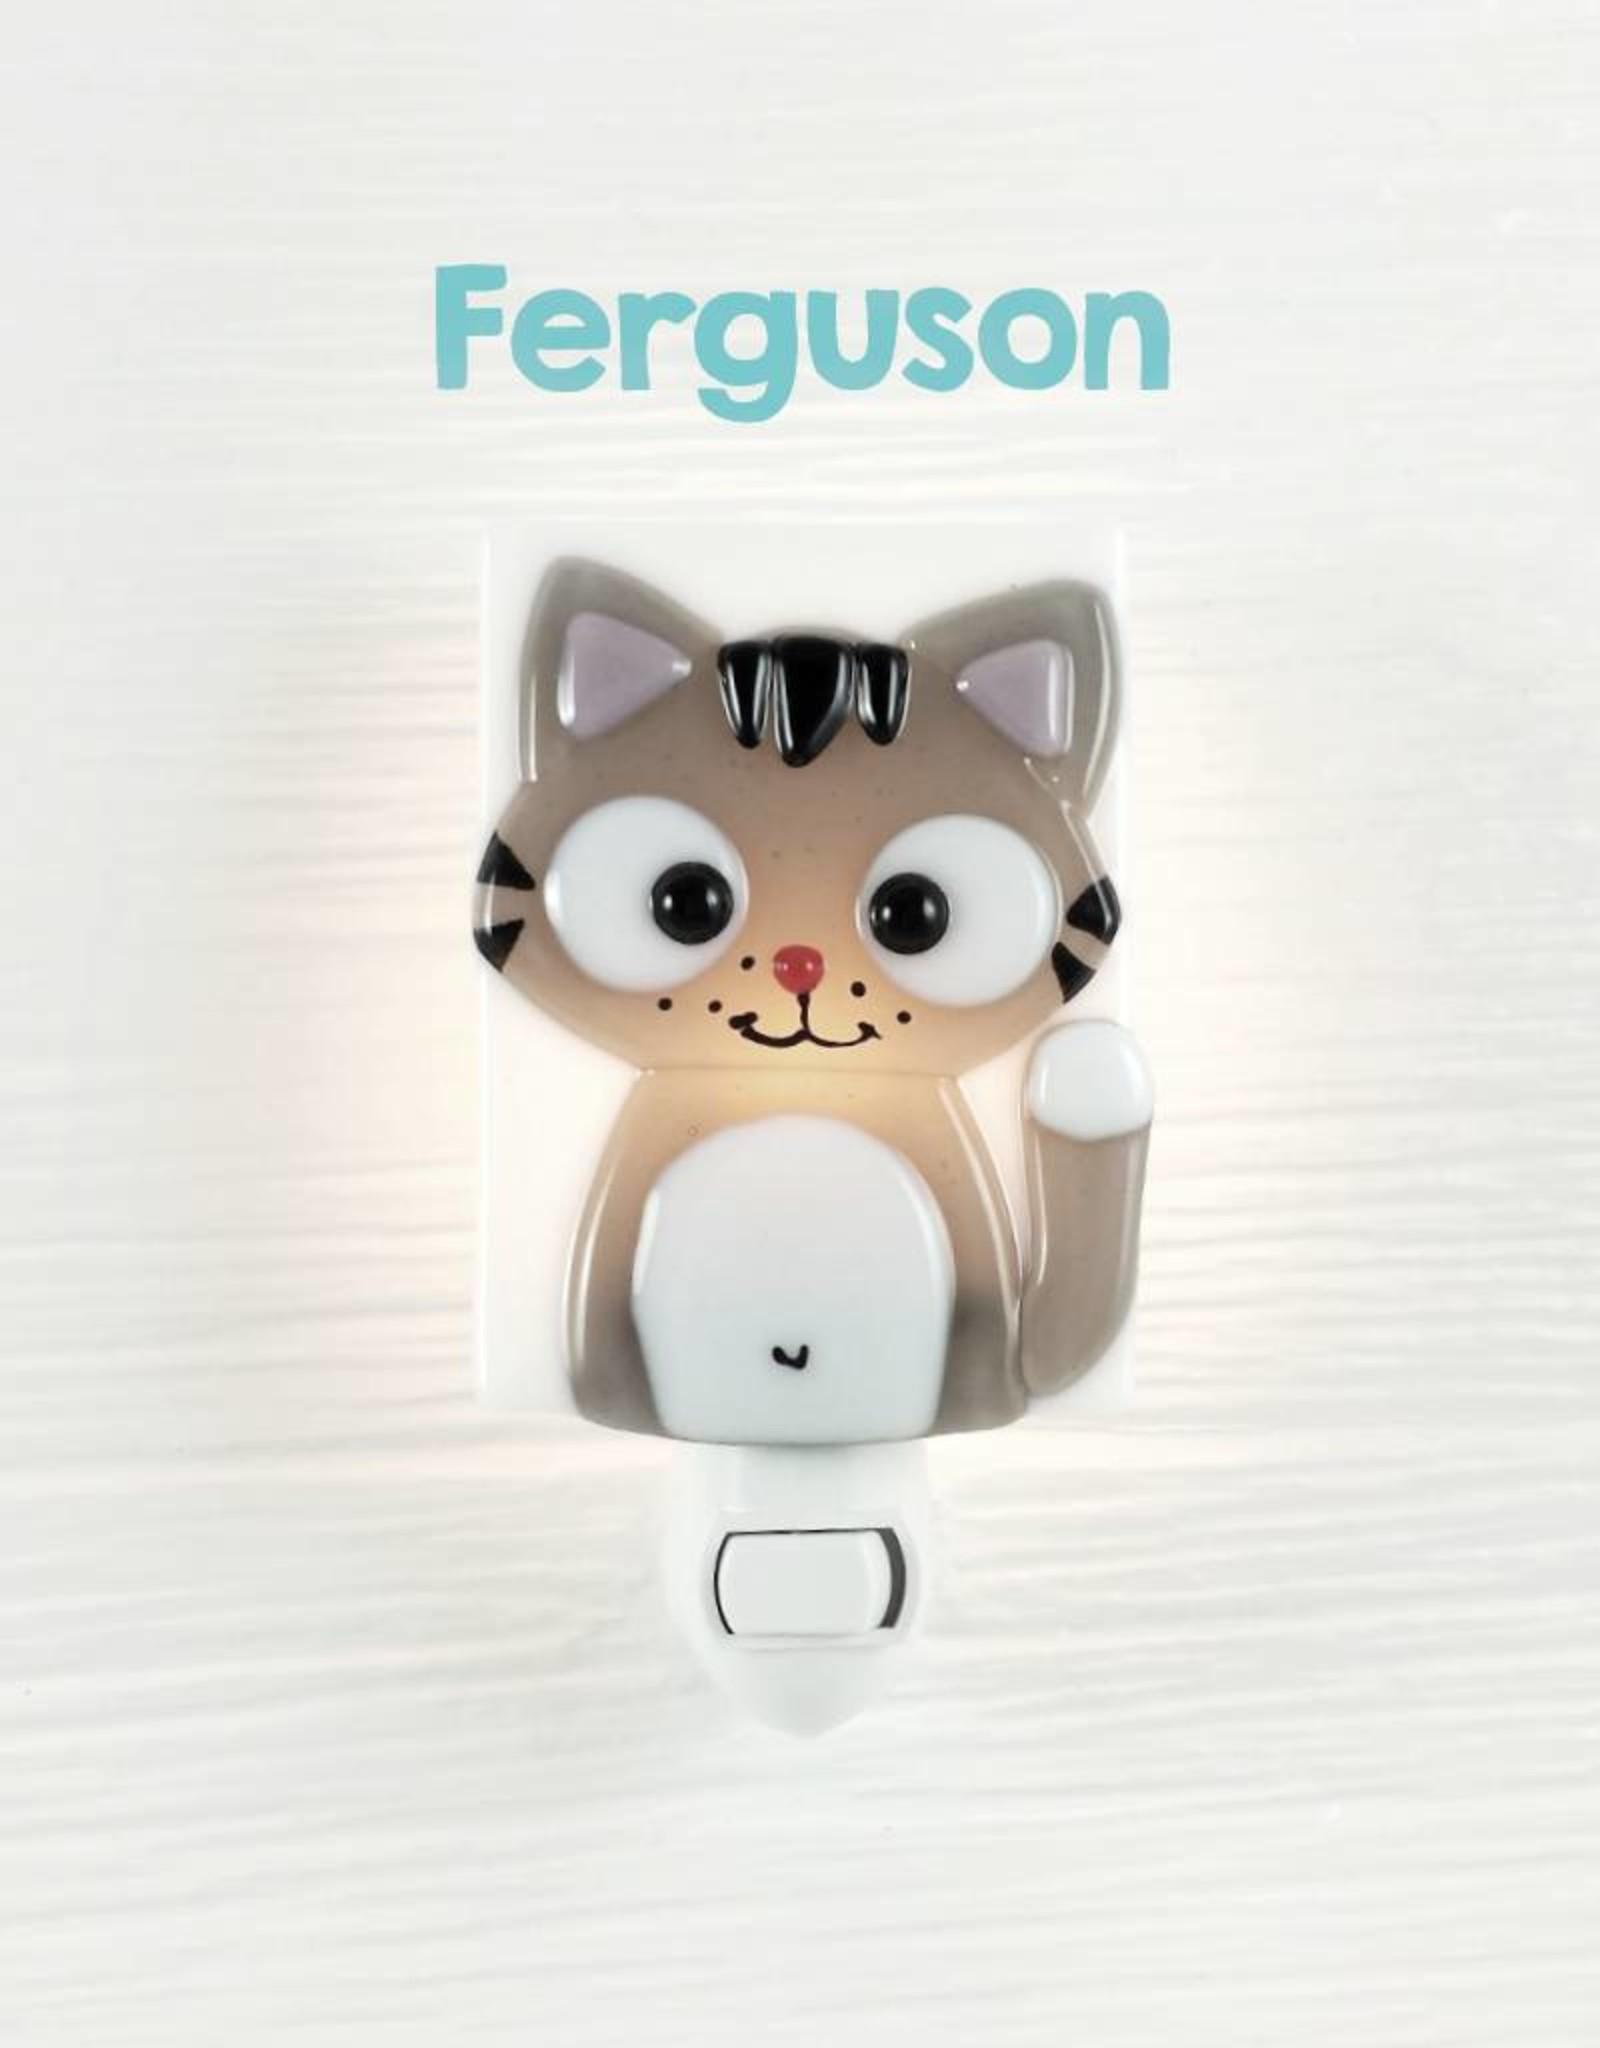 Veille sur toi Veilleuse - Chat - Ferguson